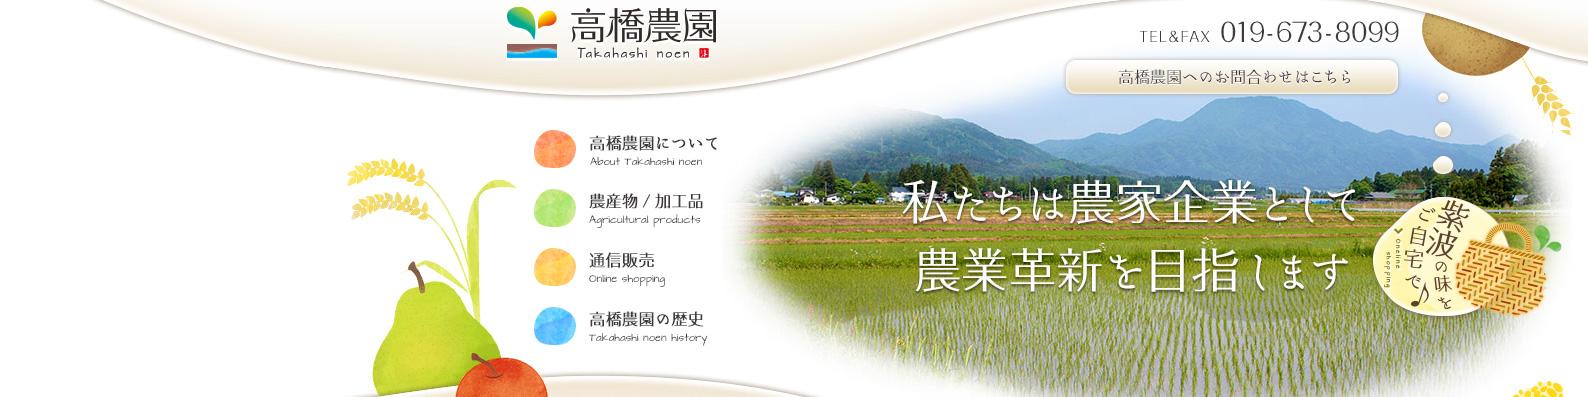 高橋農園様WEBサイト制作タイトル画像